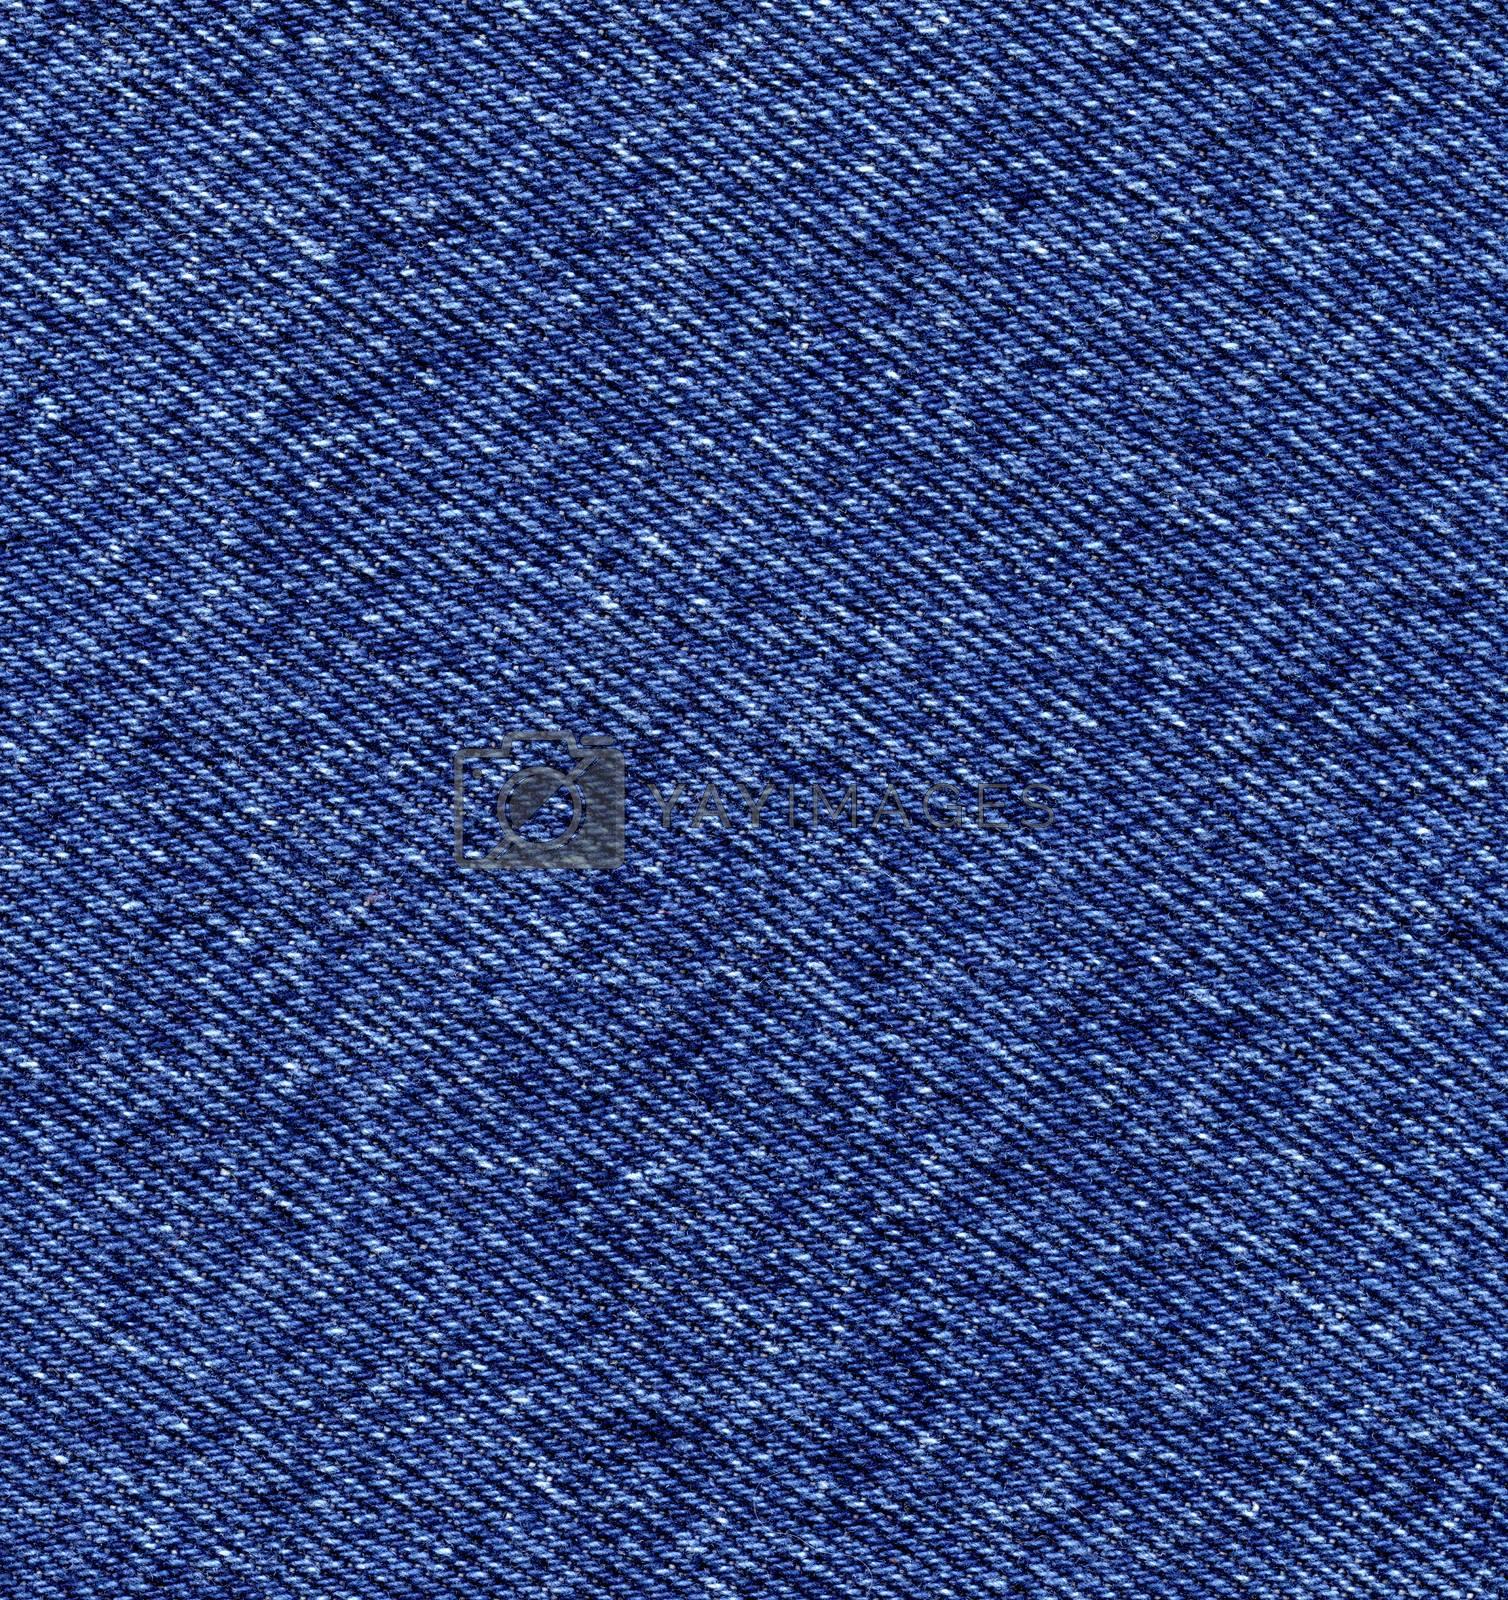 Denim Texture, Dark Blue Pattern Jeans Background